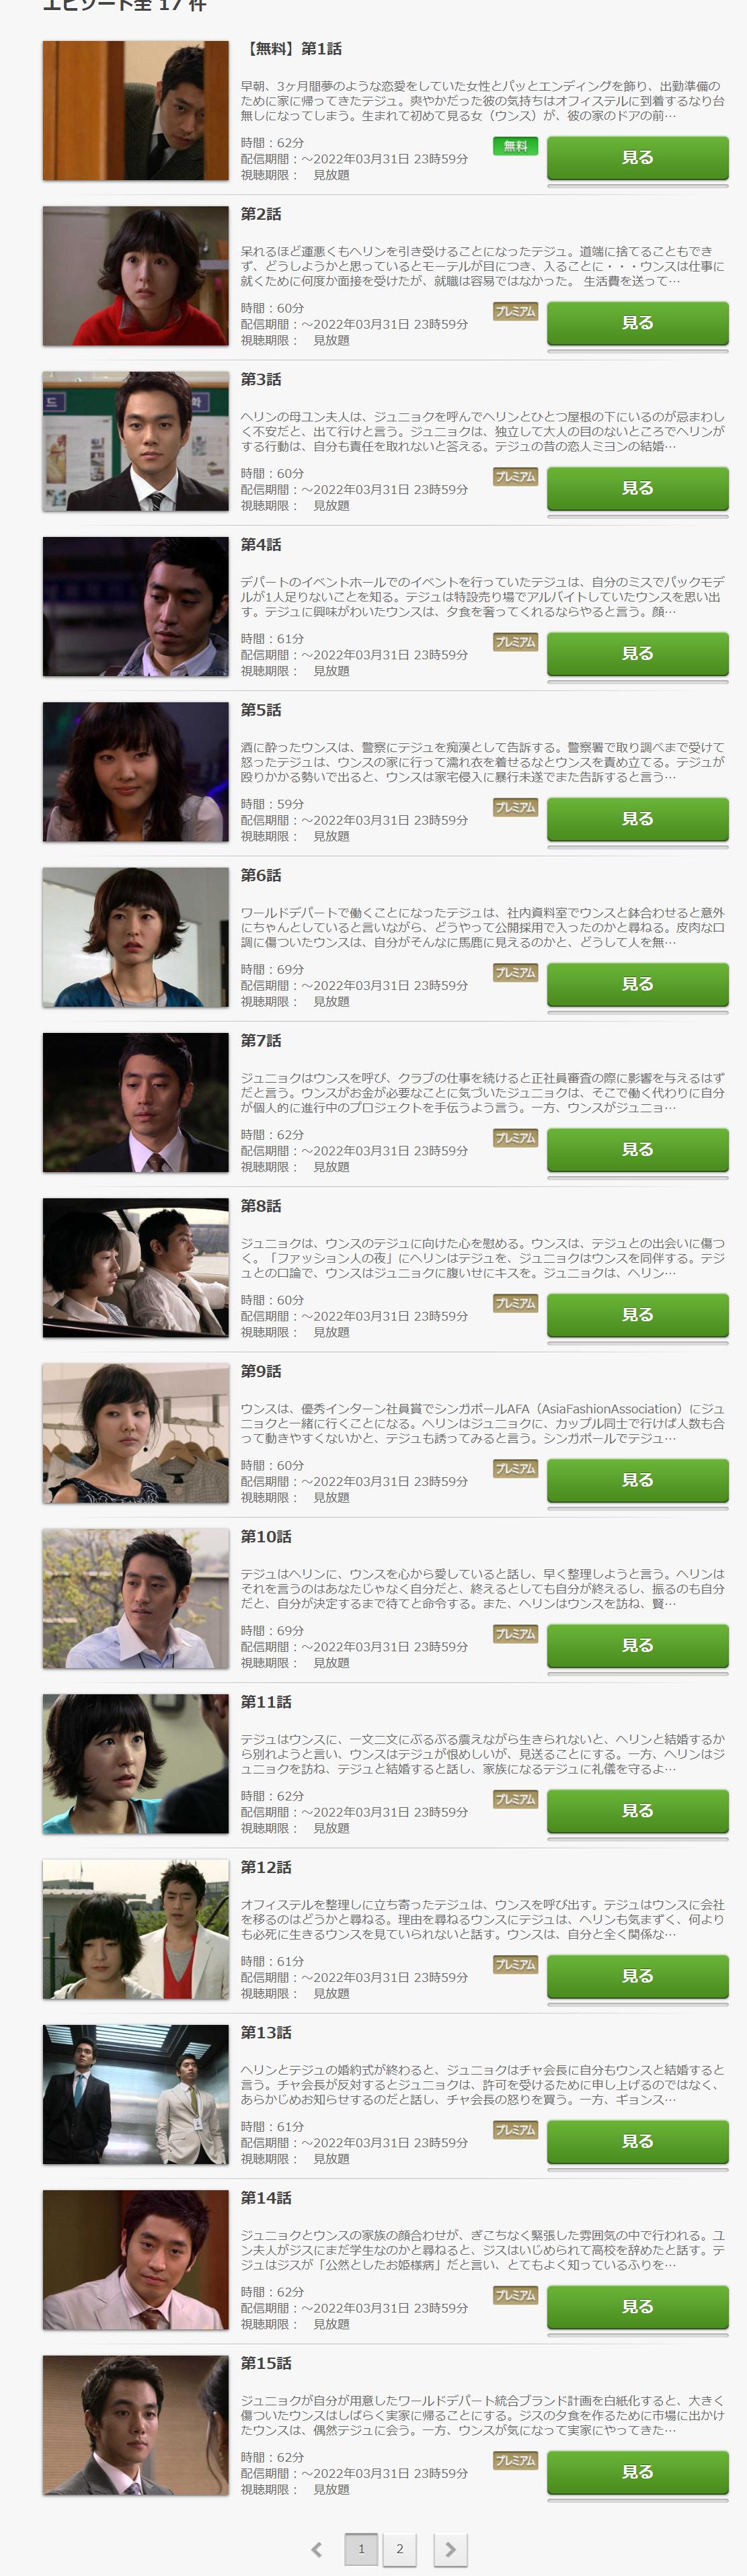 ケセラセラ(韓国ドラマ)の動画無料視聴方法